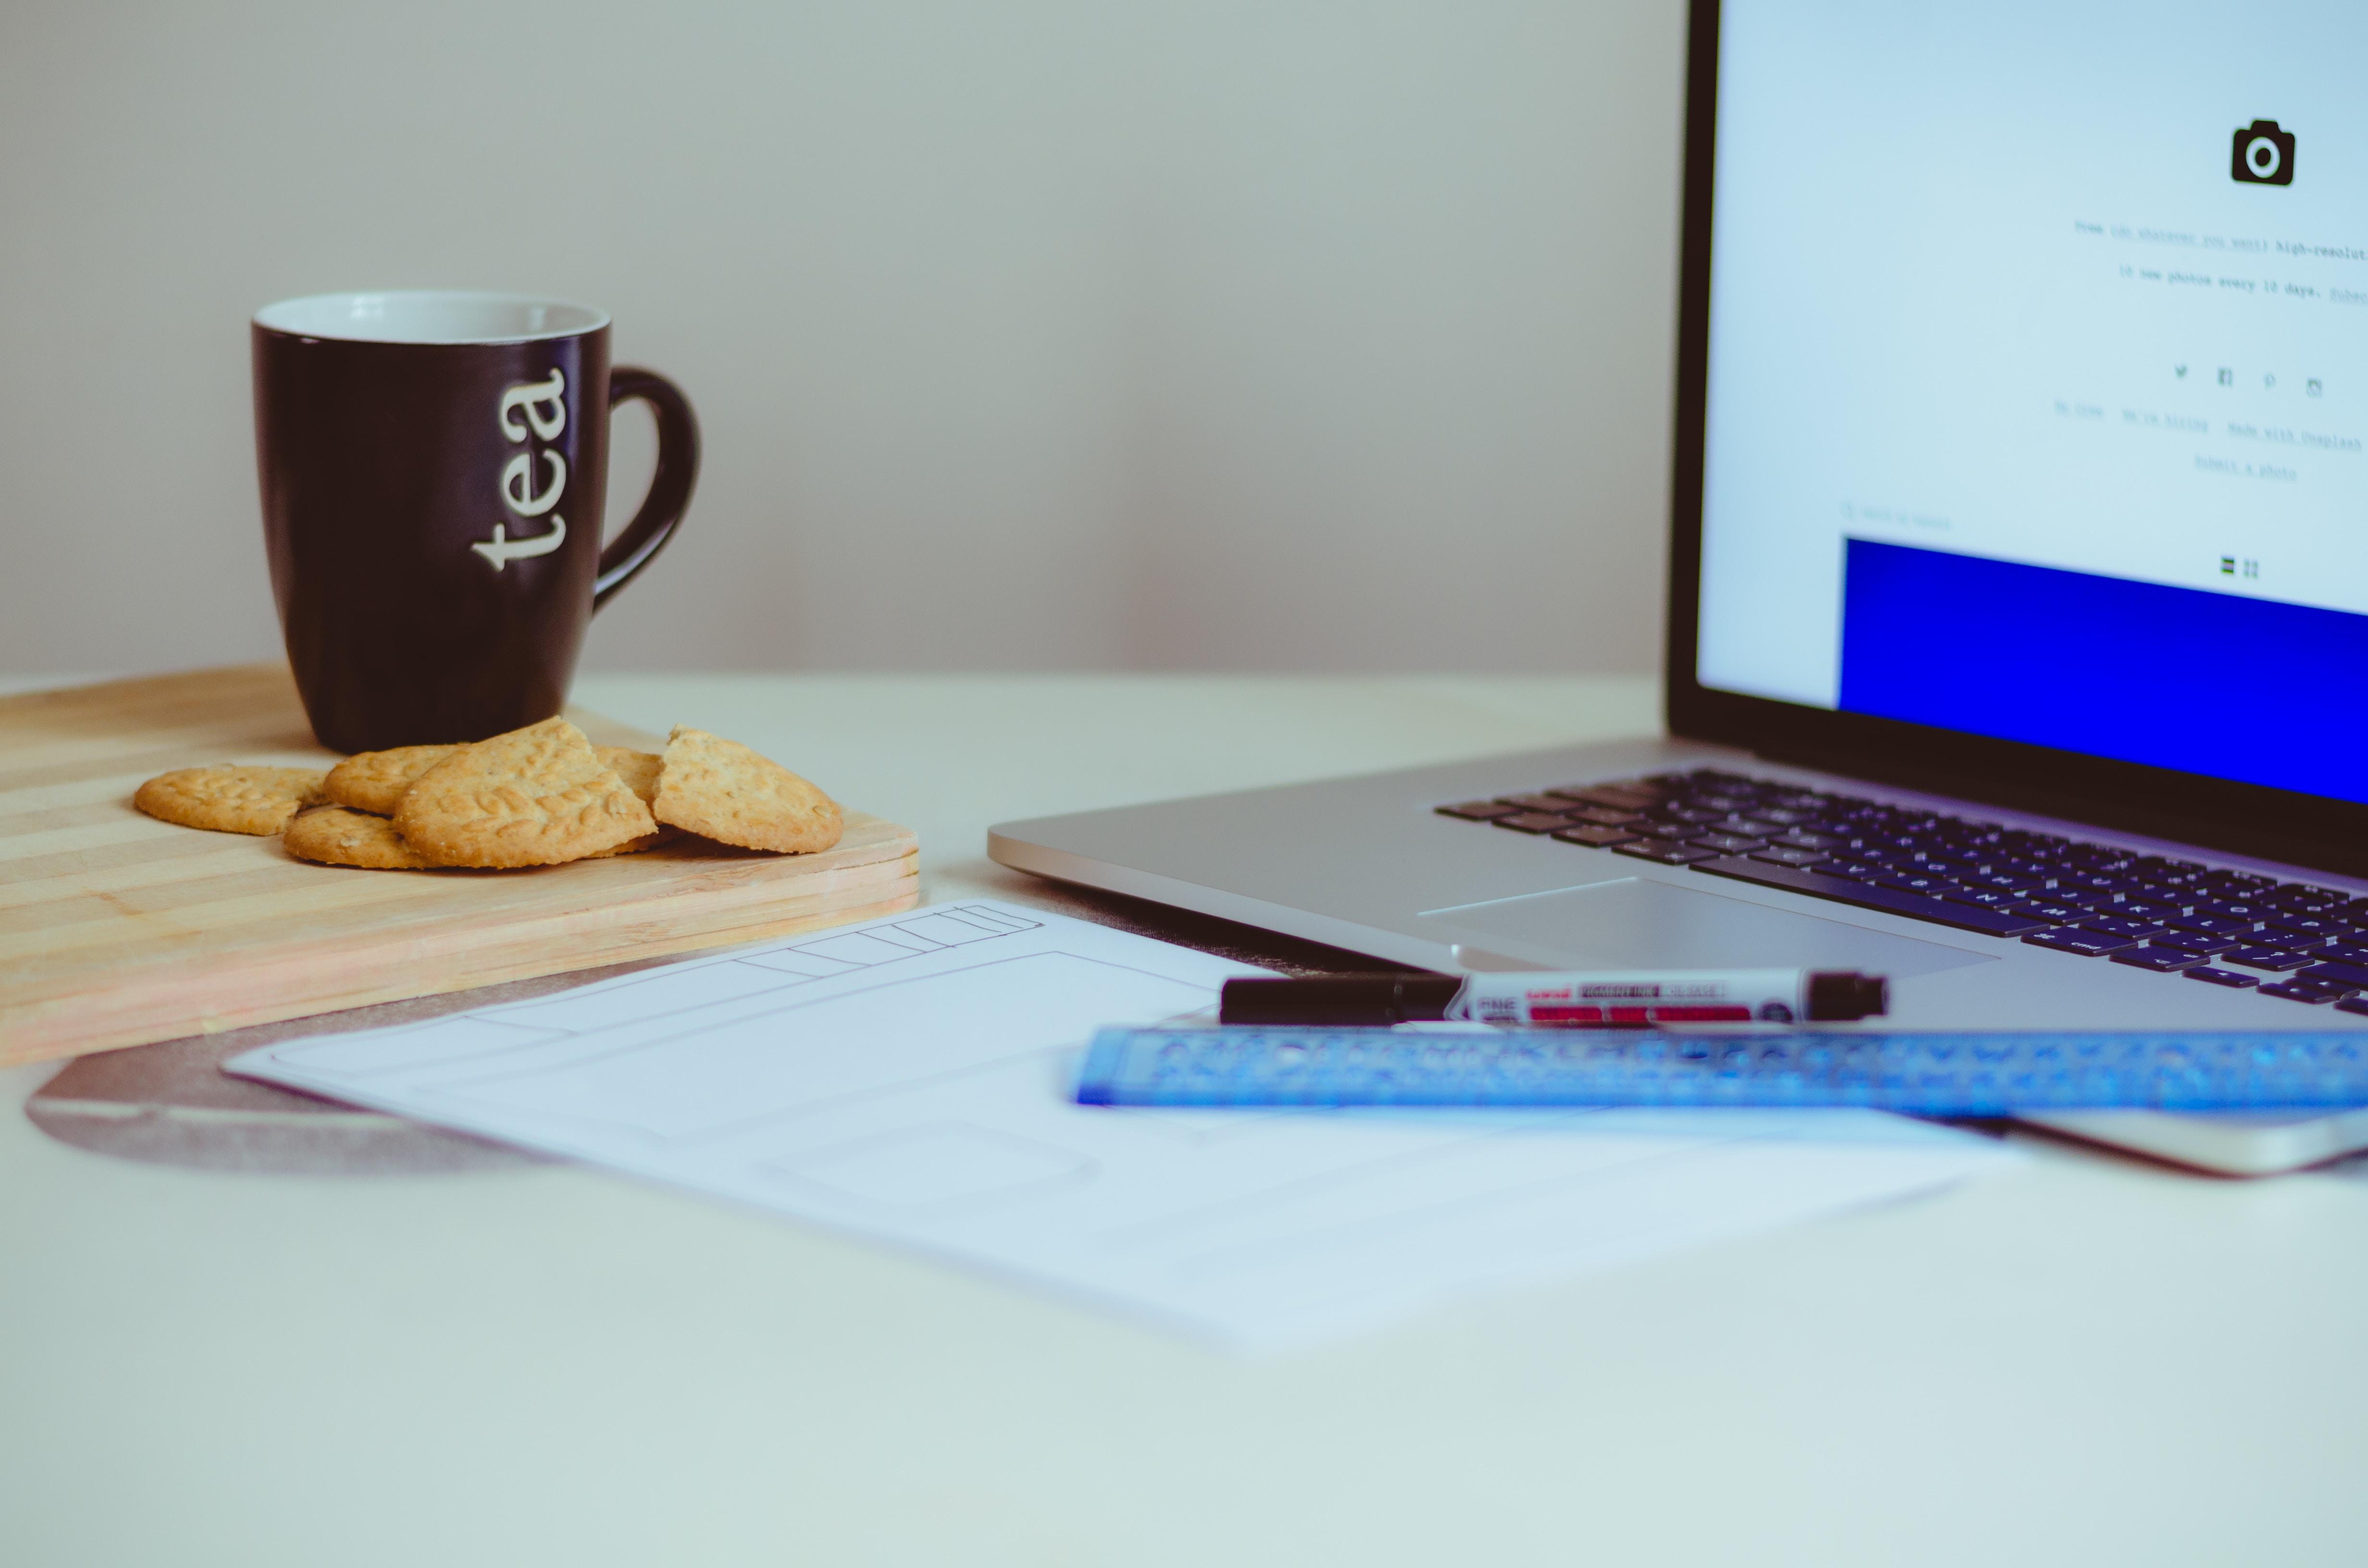 Snack Content - Marketing in leicht verdaulichen Häppchen